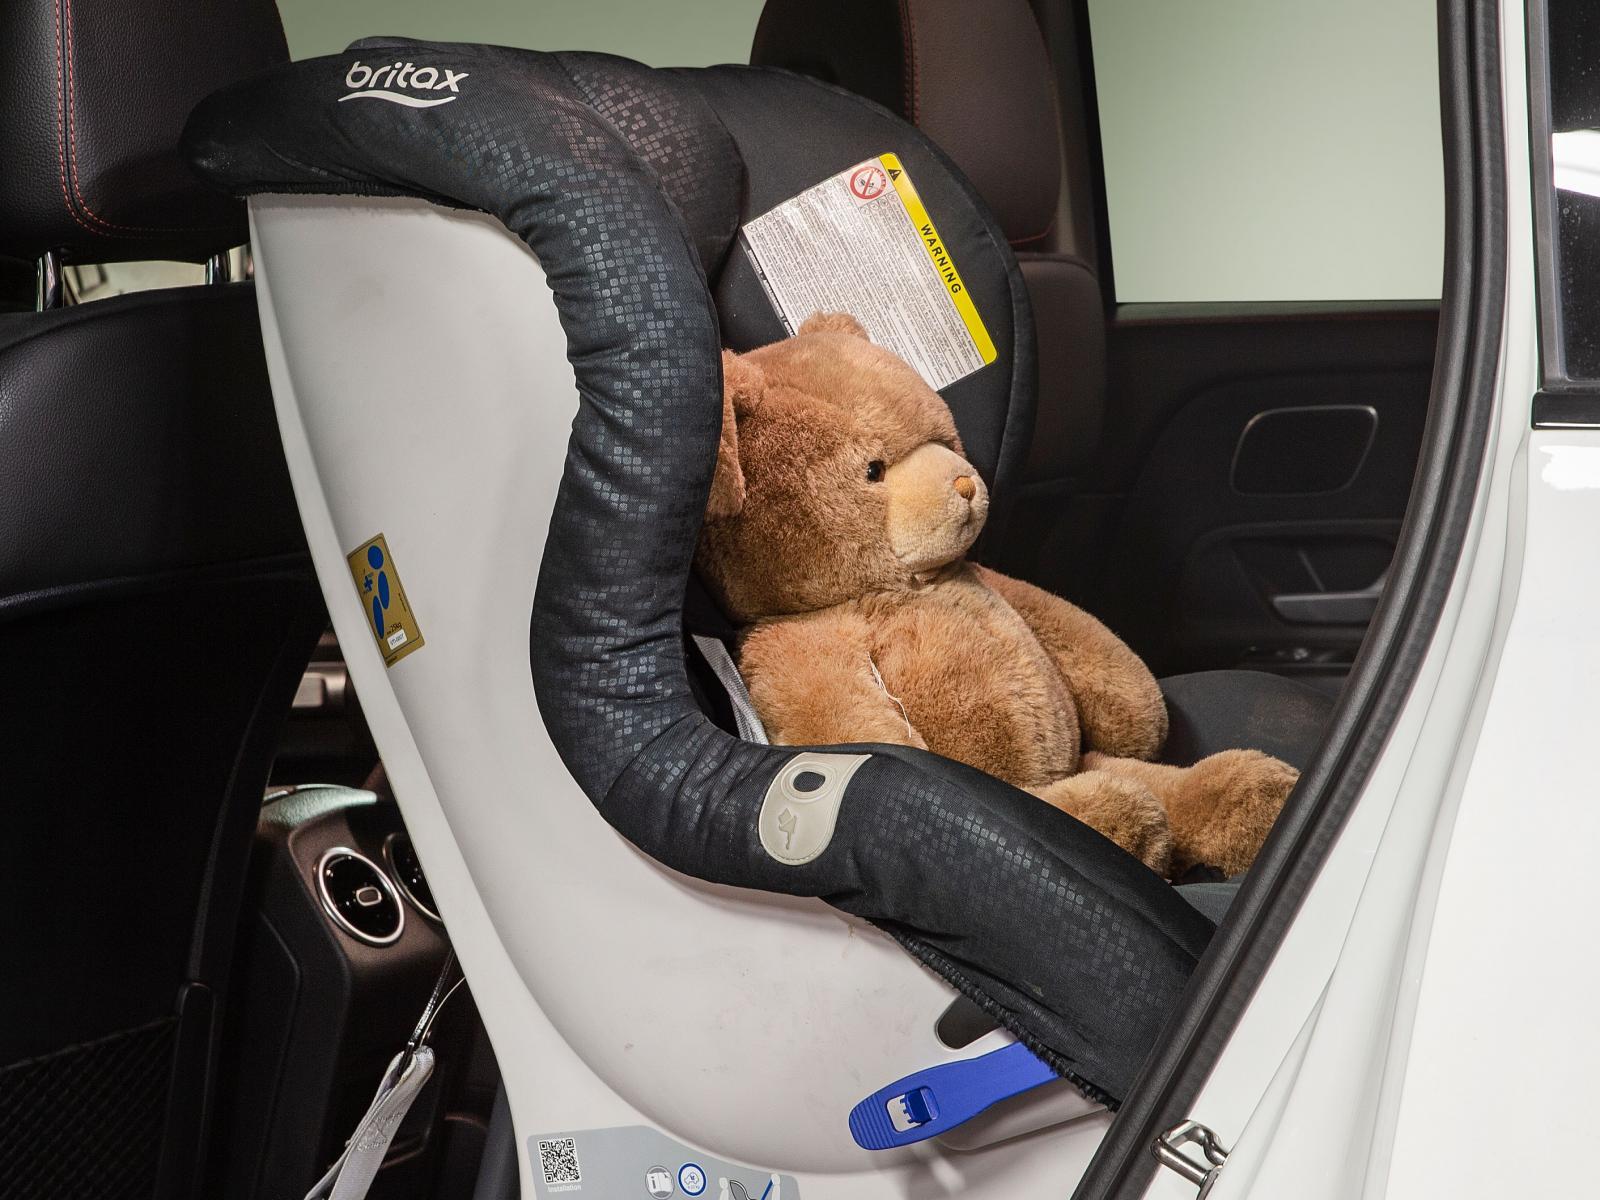 I Mercedes ryms barnstolarna lätt – precis som i Subaru och VW.